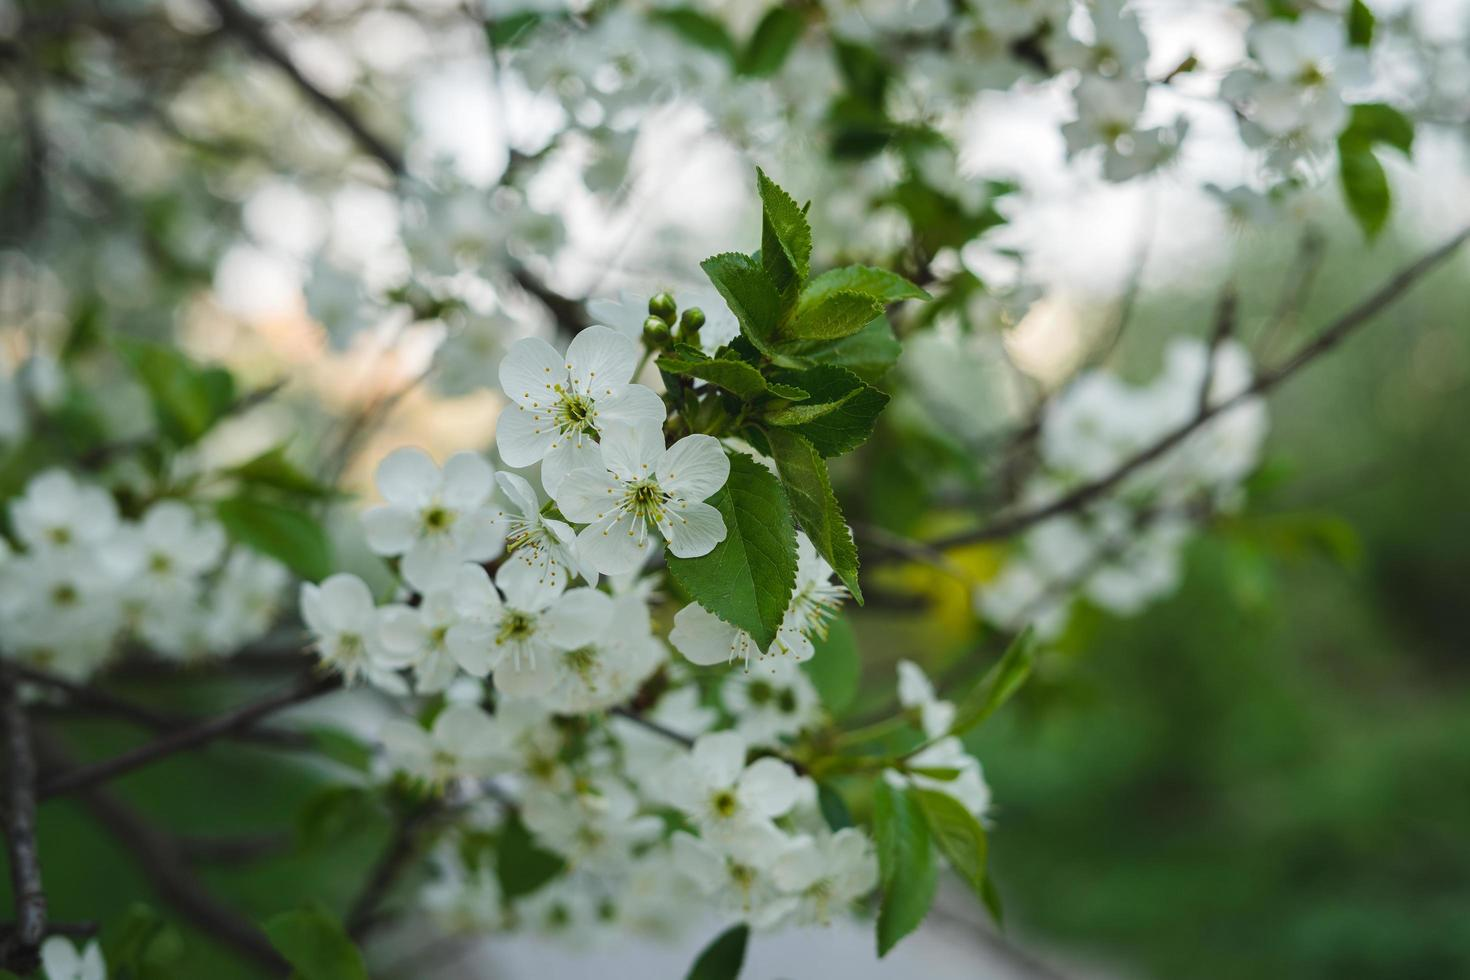 fleurs blanches sur l'arbre photo